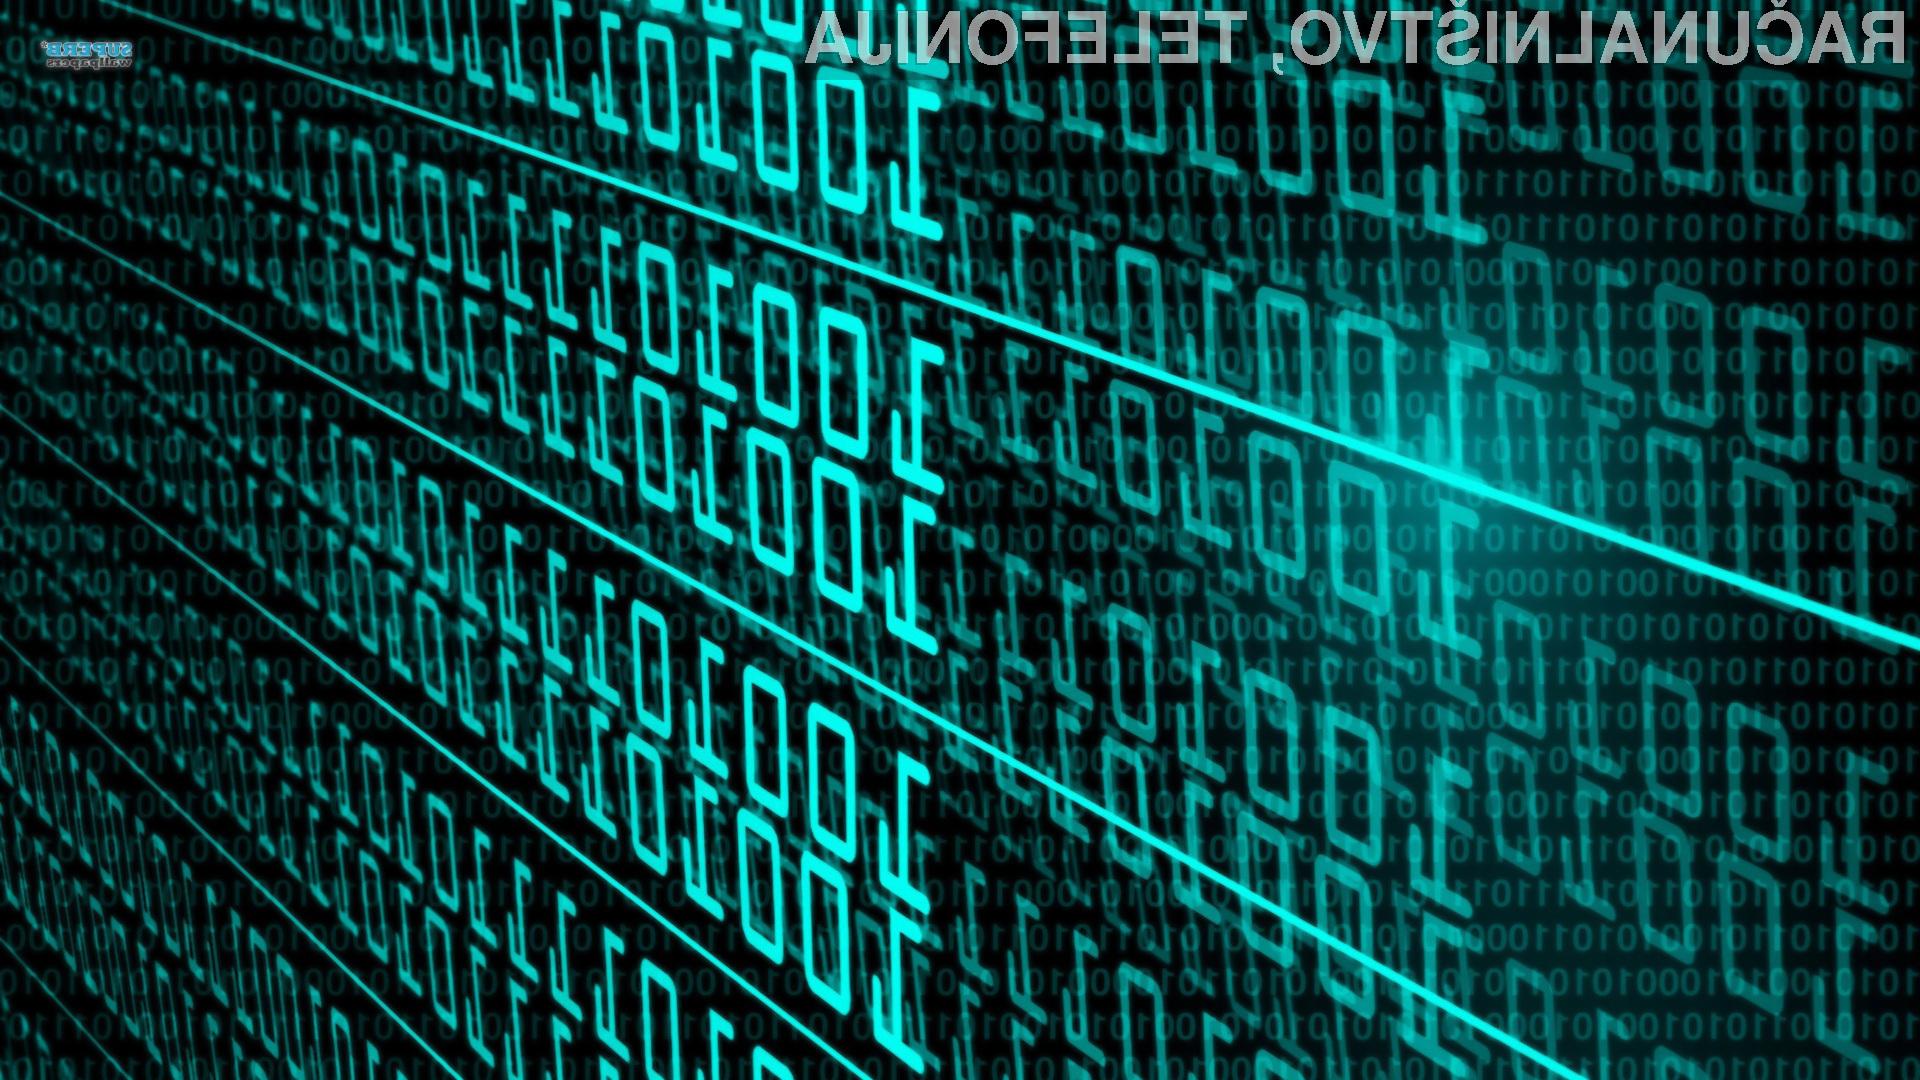 Binarni zapis - zapleten a hkrati enostaven